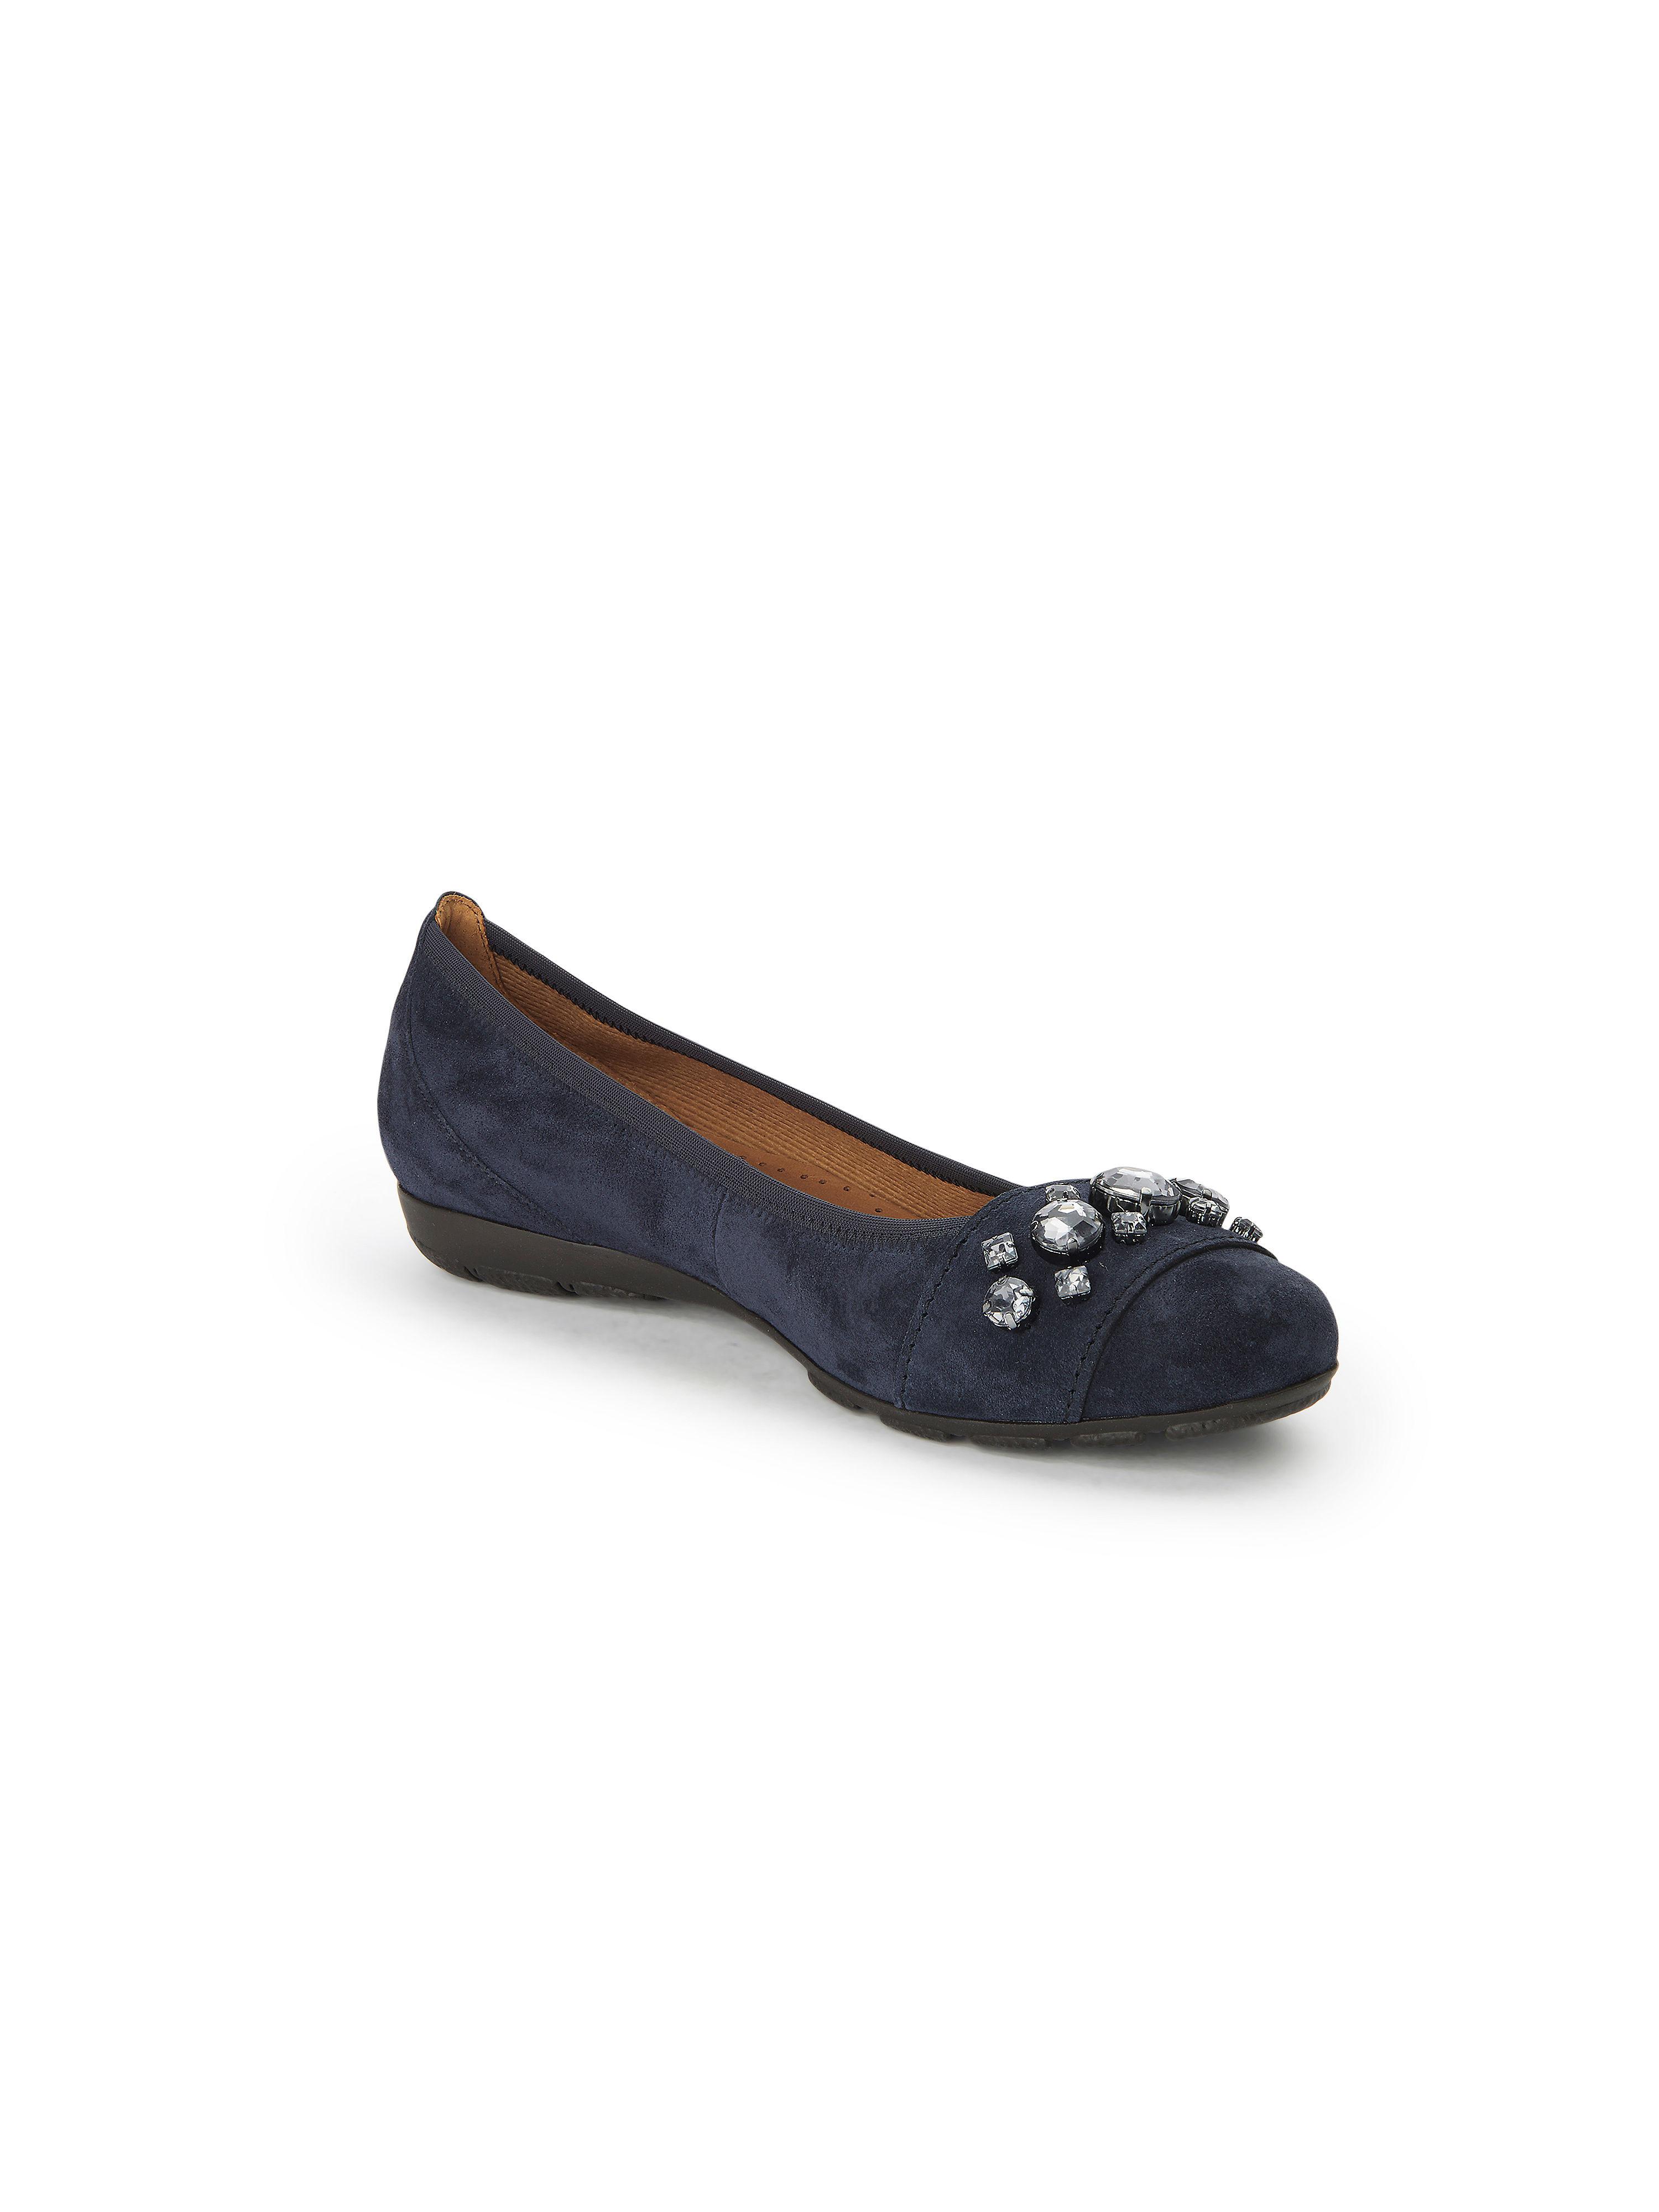 Gabor - Gute Ballerina aus 100% Leder - Marine Gute - Qualität beliebte Schuhe a78a5d